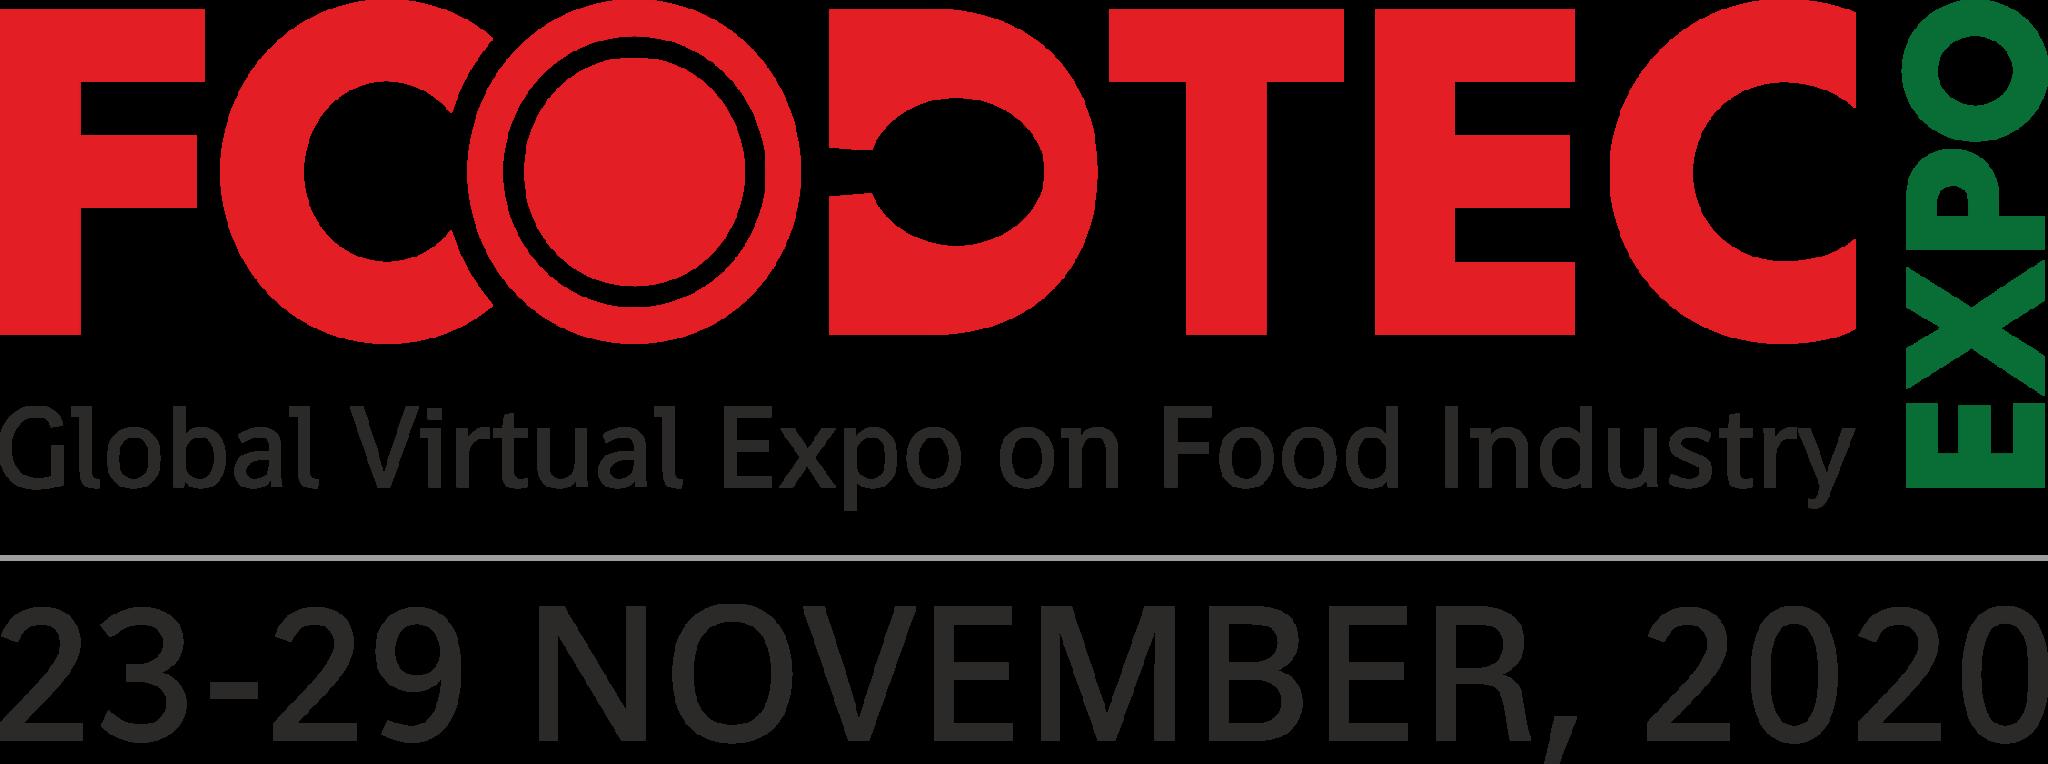 FoodTec Expo